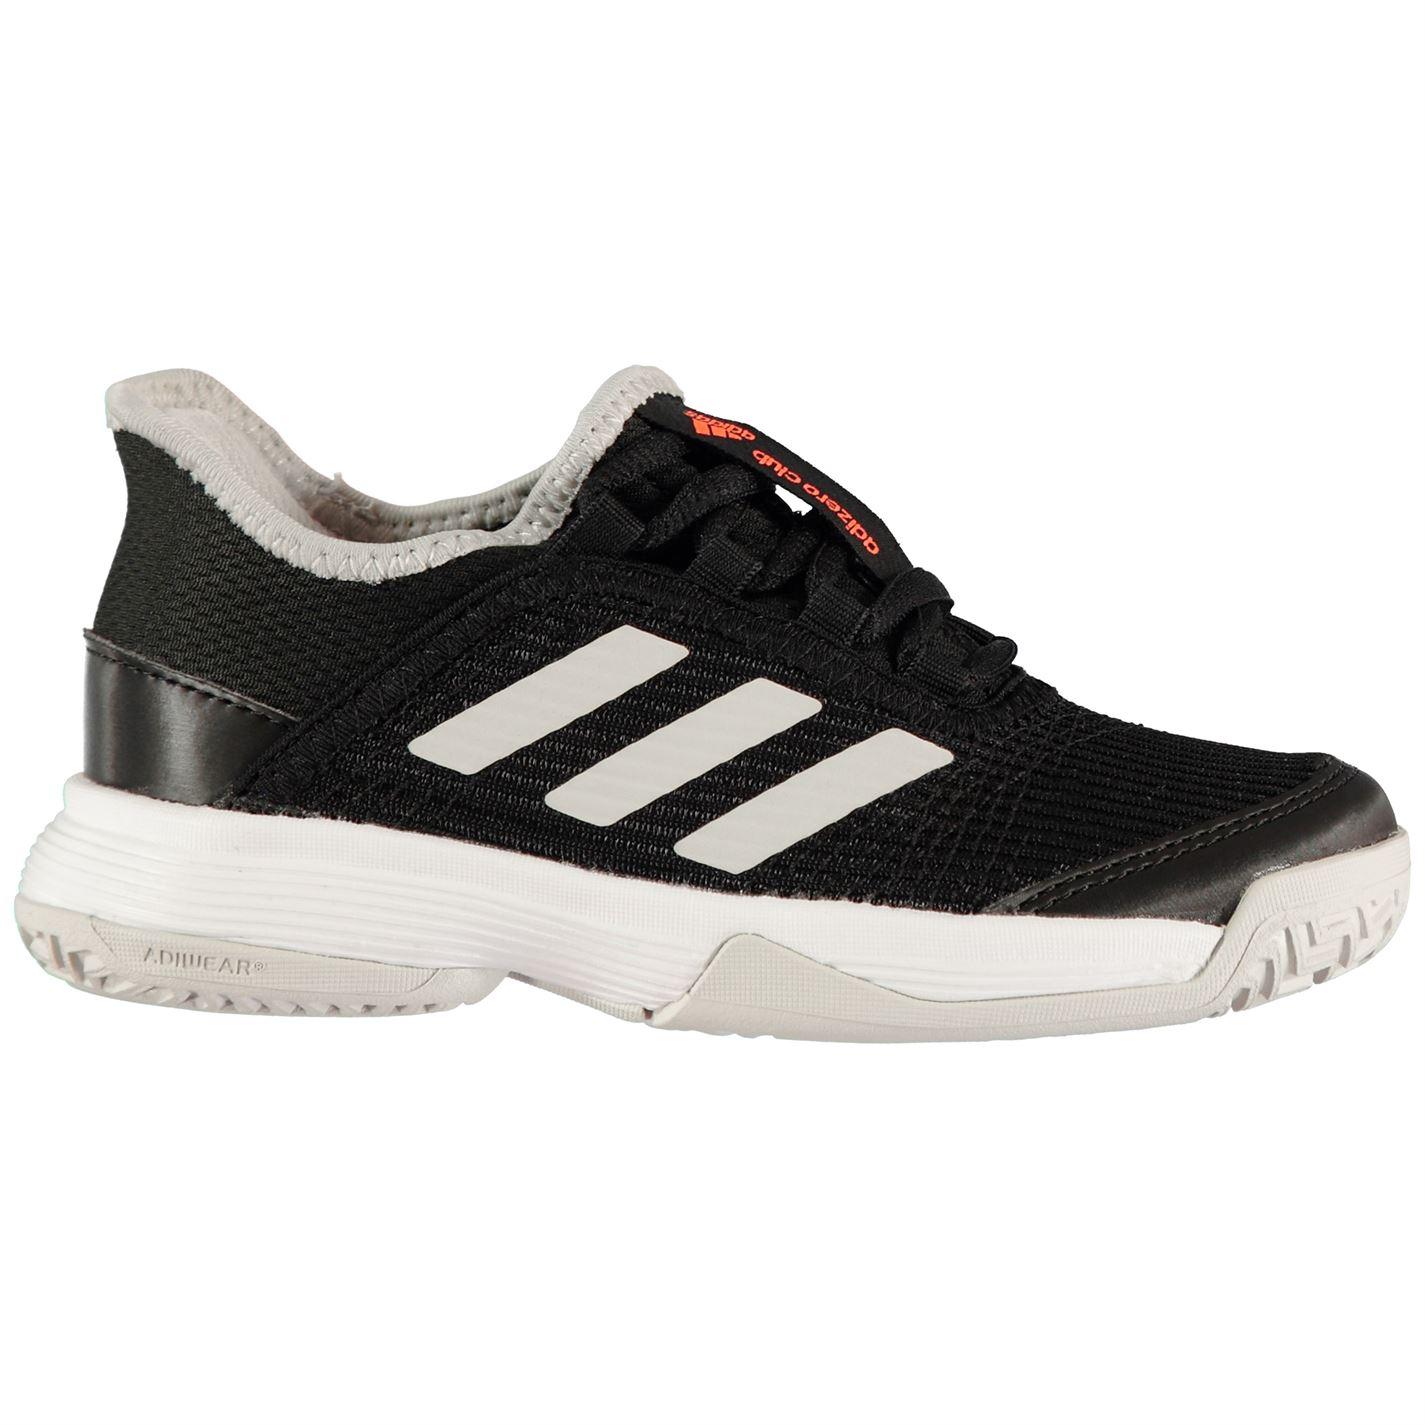 Adidas adiZero Club Ch94